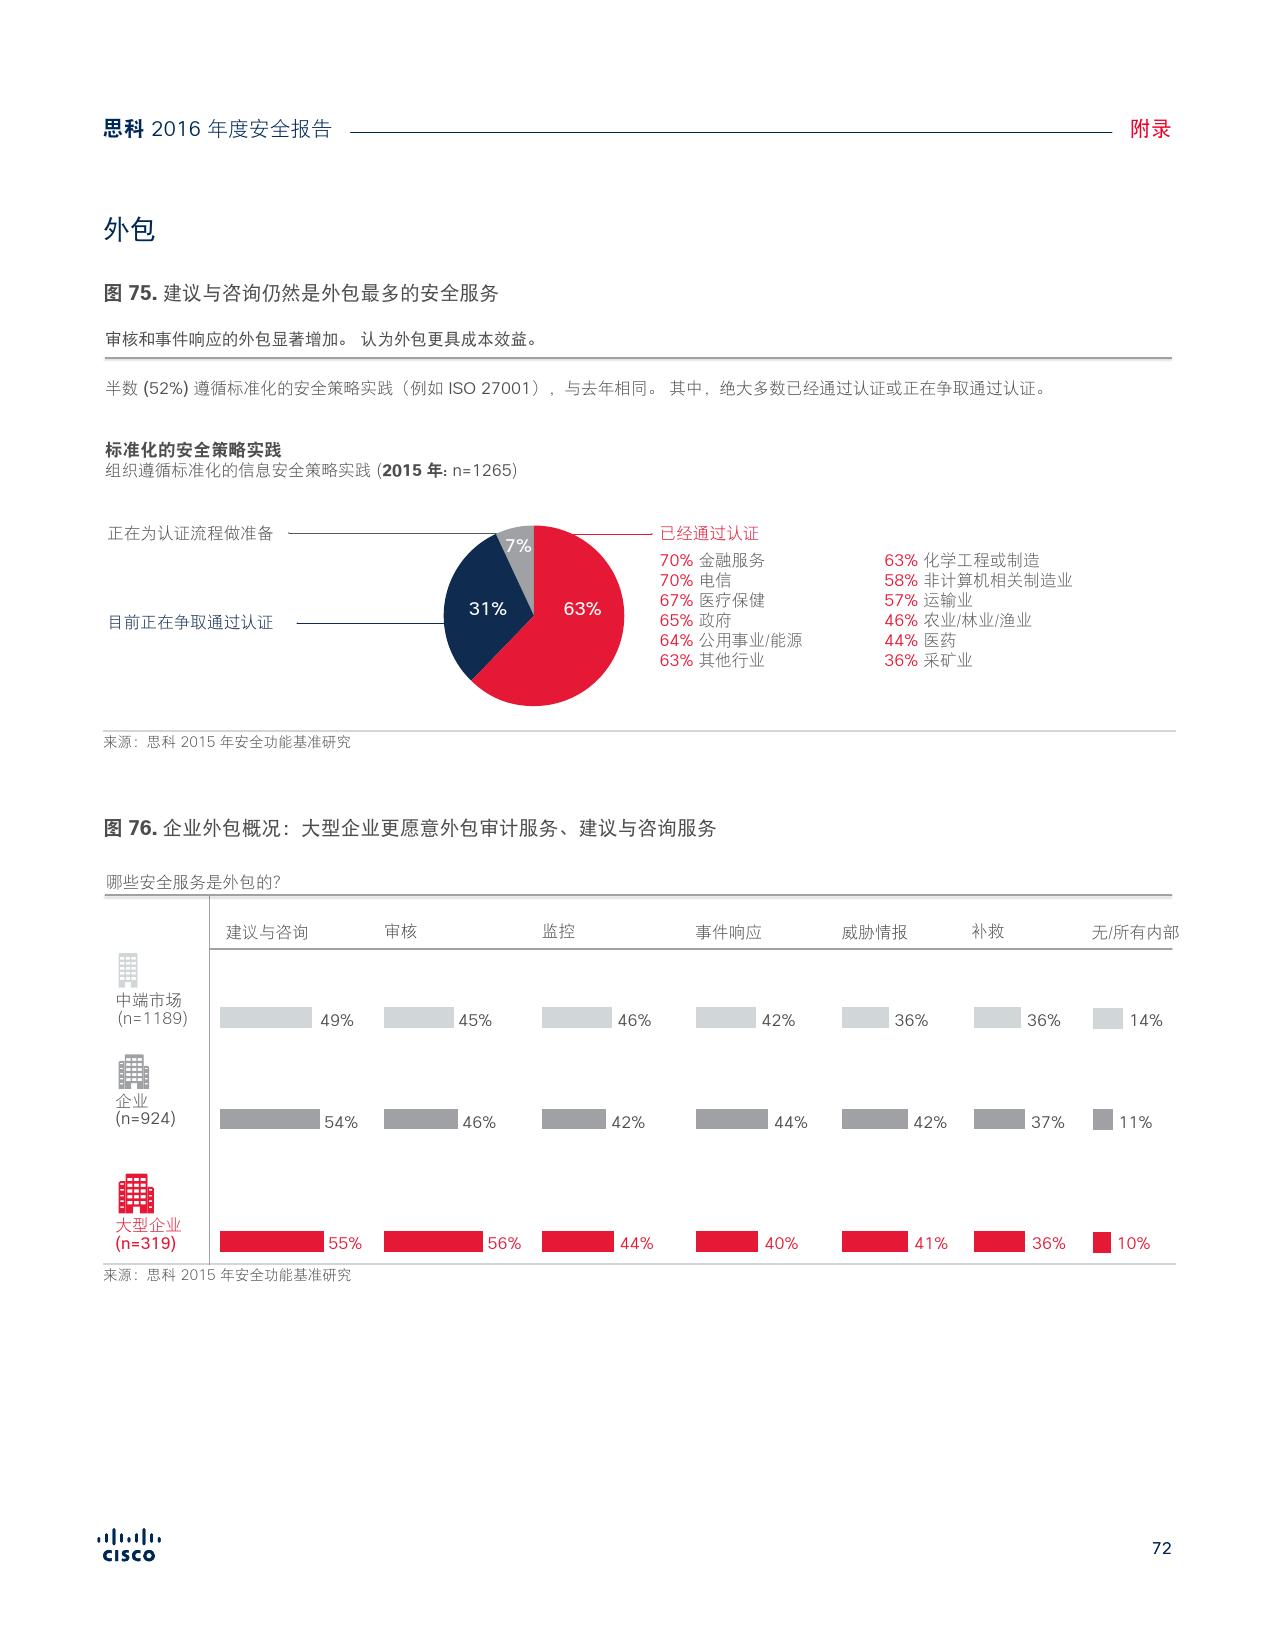 2016年中网络安全报告_000072